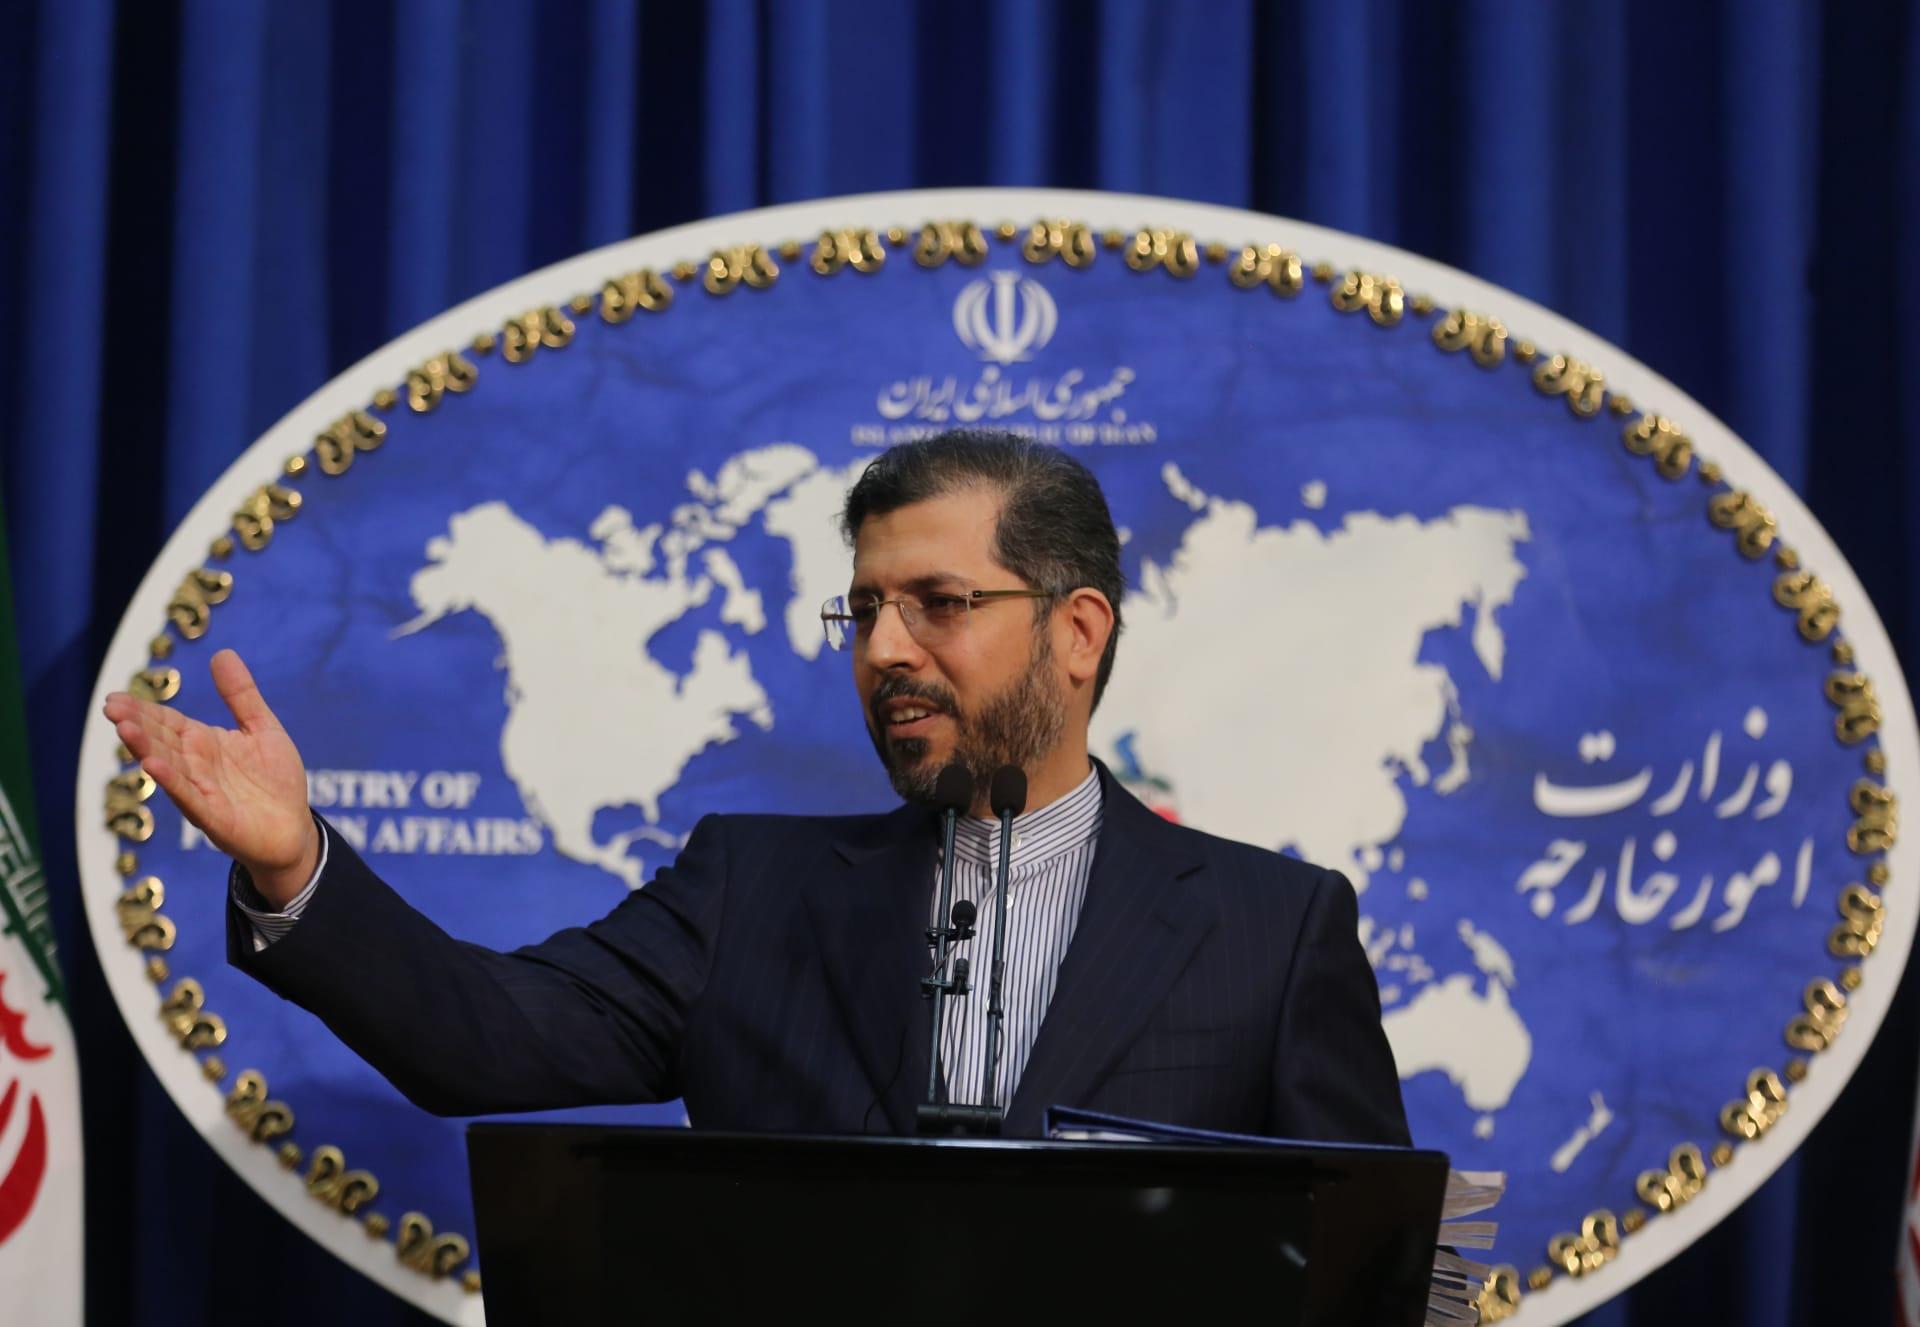 إيران: مفاوضات الاتفاق النووية قد تنتهي قريبًا.. وأيدينا ممدودة لعودة السعودية إلى أحضان المنطقة